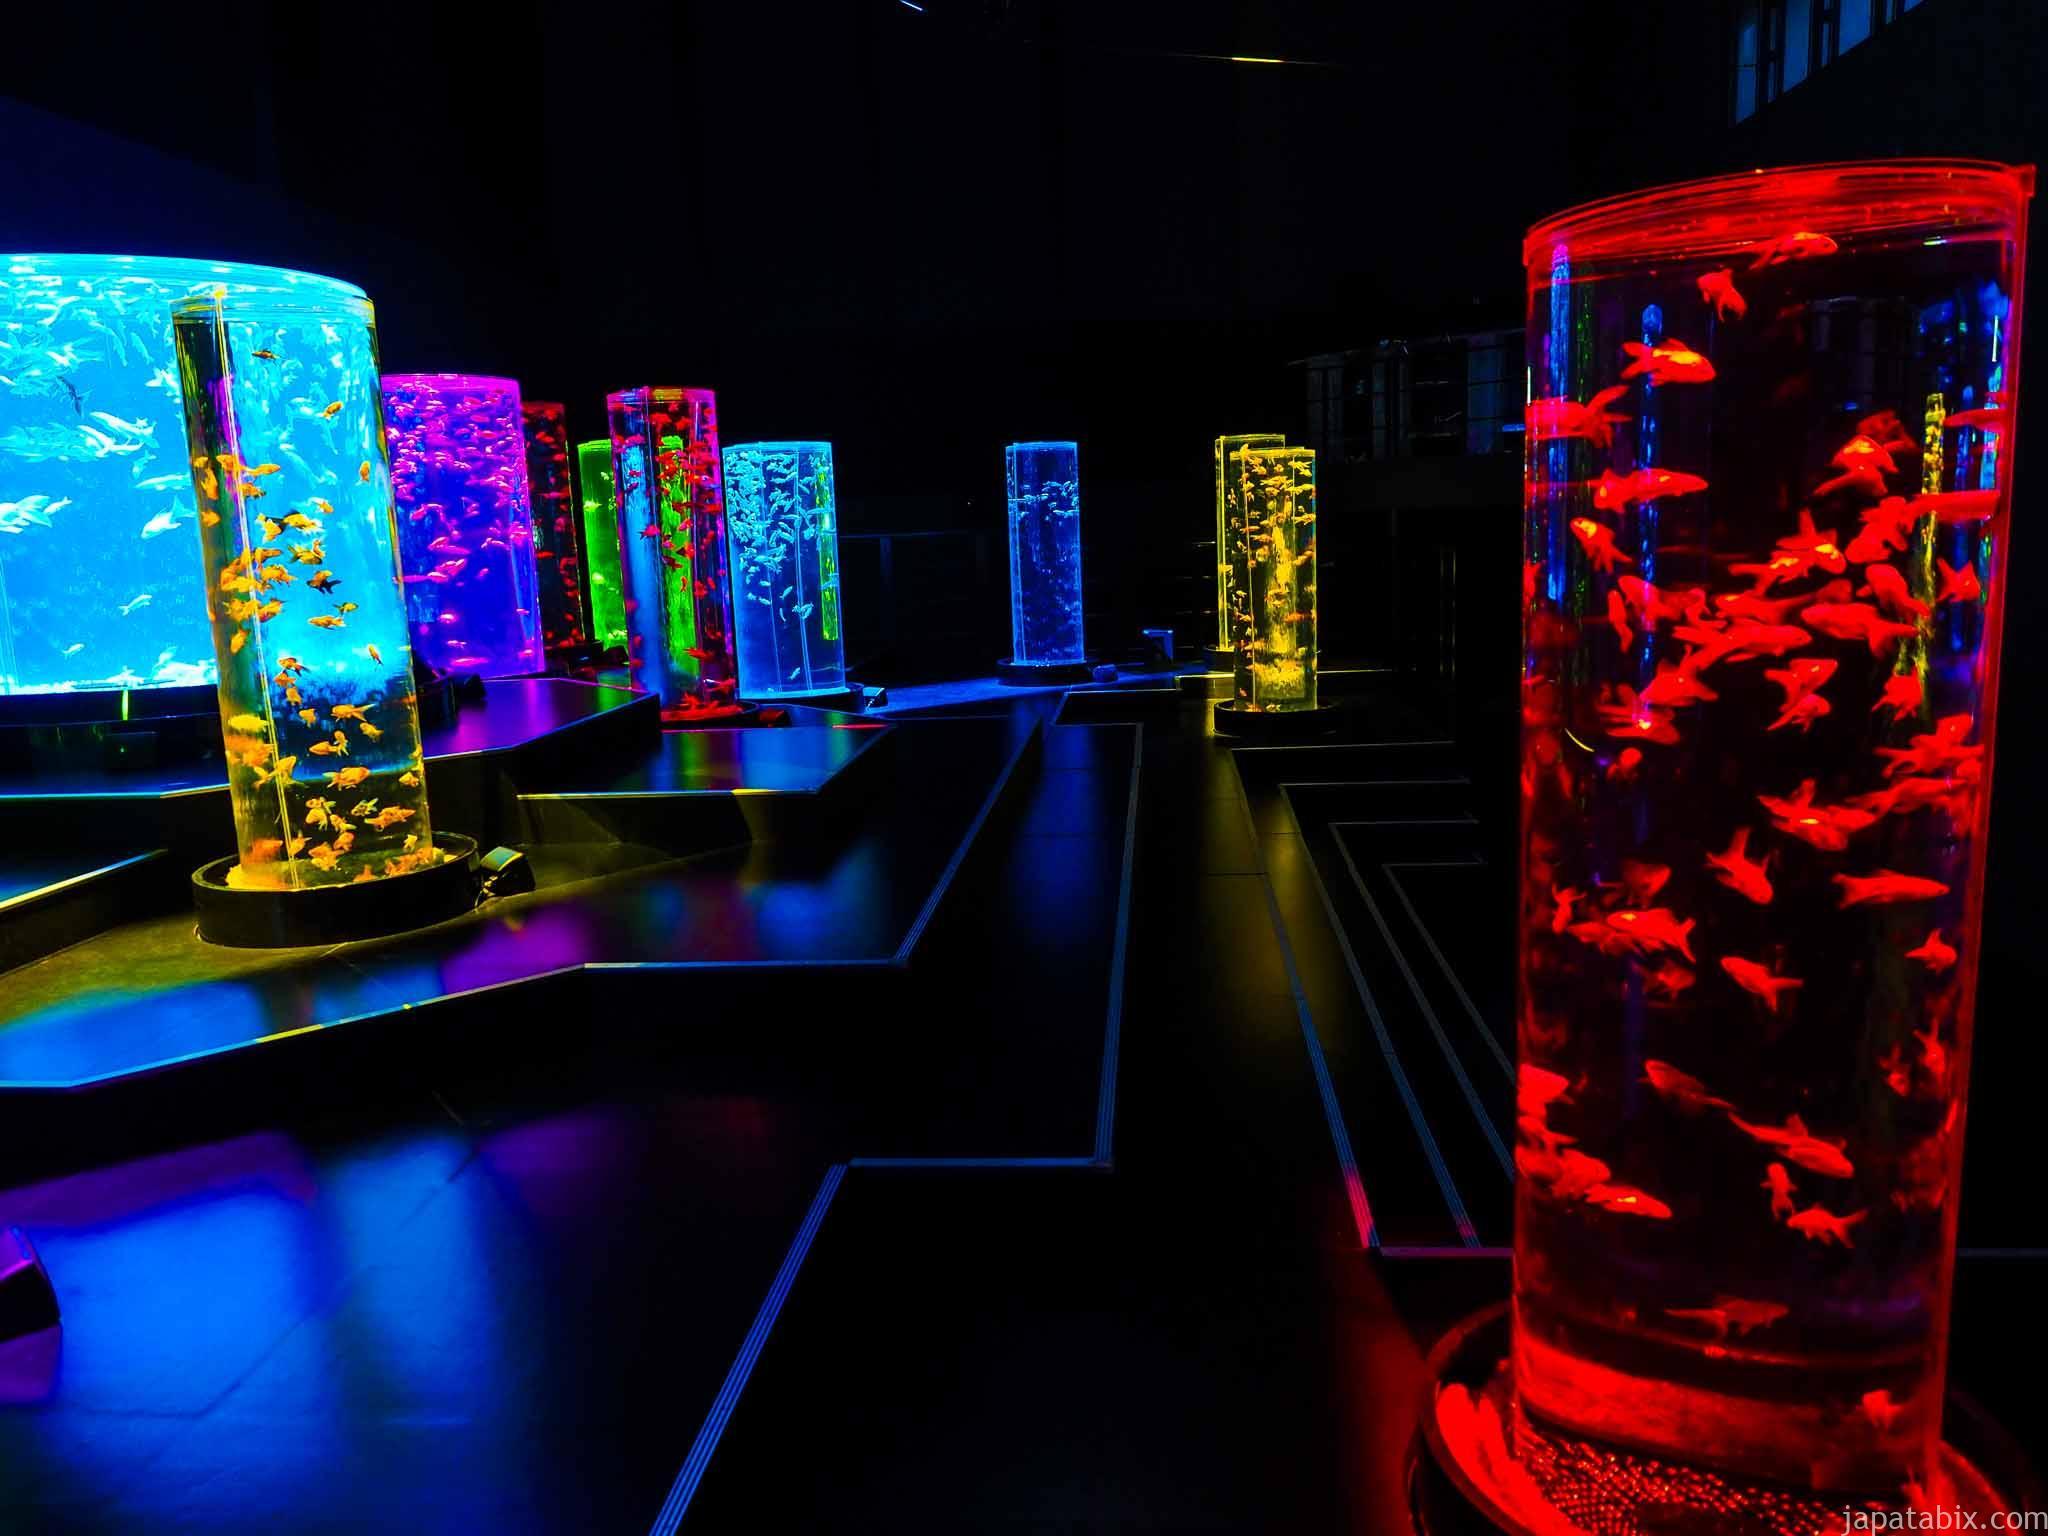 アートアクアリウム美術館 金魚の杜